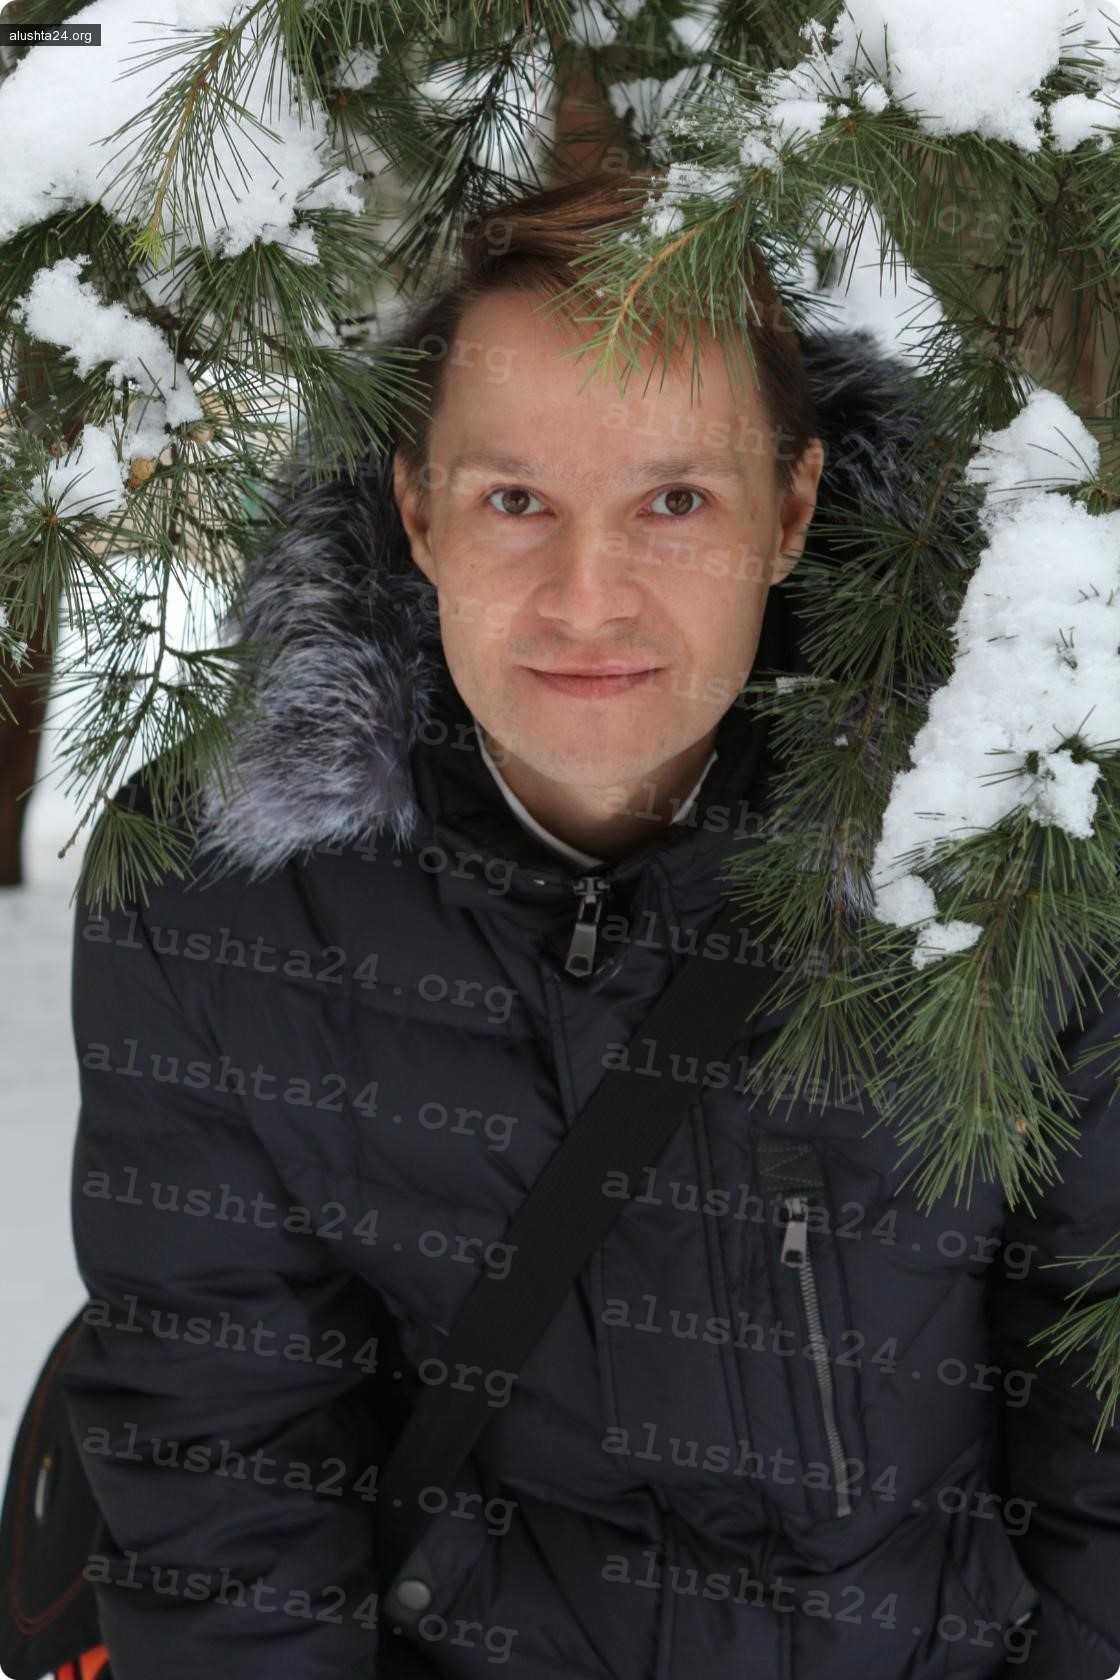 Все об Алуште: Константина Гирякова избили палками и зонтом на улице недалеко от его работы